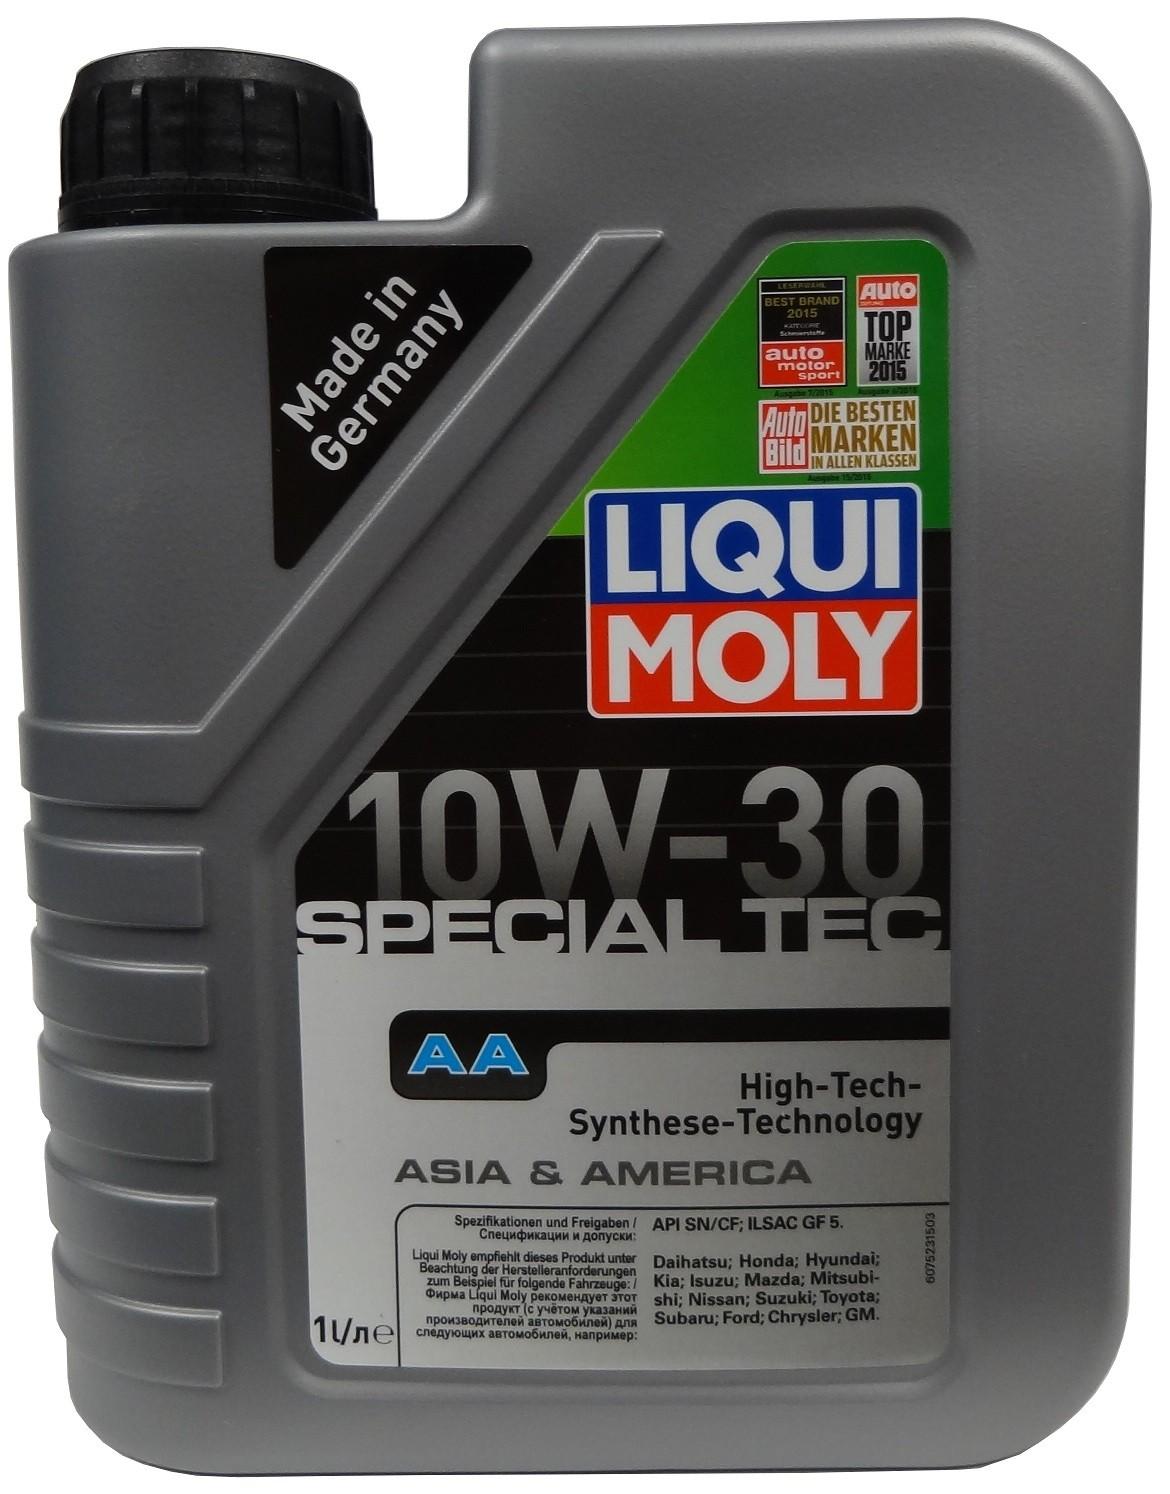 LIQUI MOLY SPECIAL TEC AA 10W-30 1L